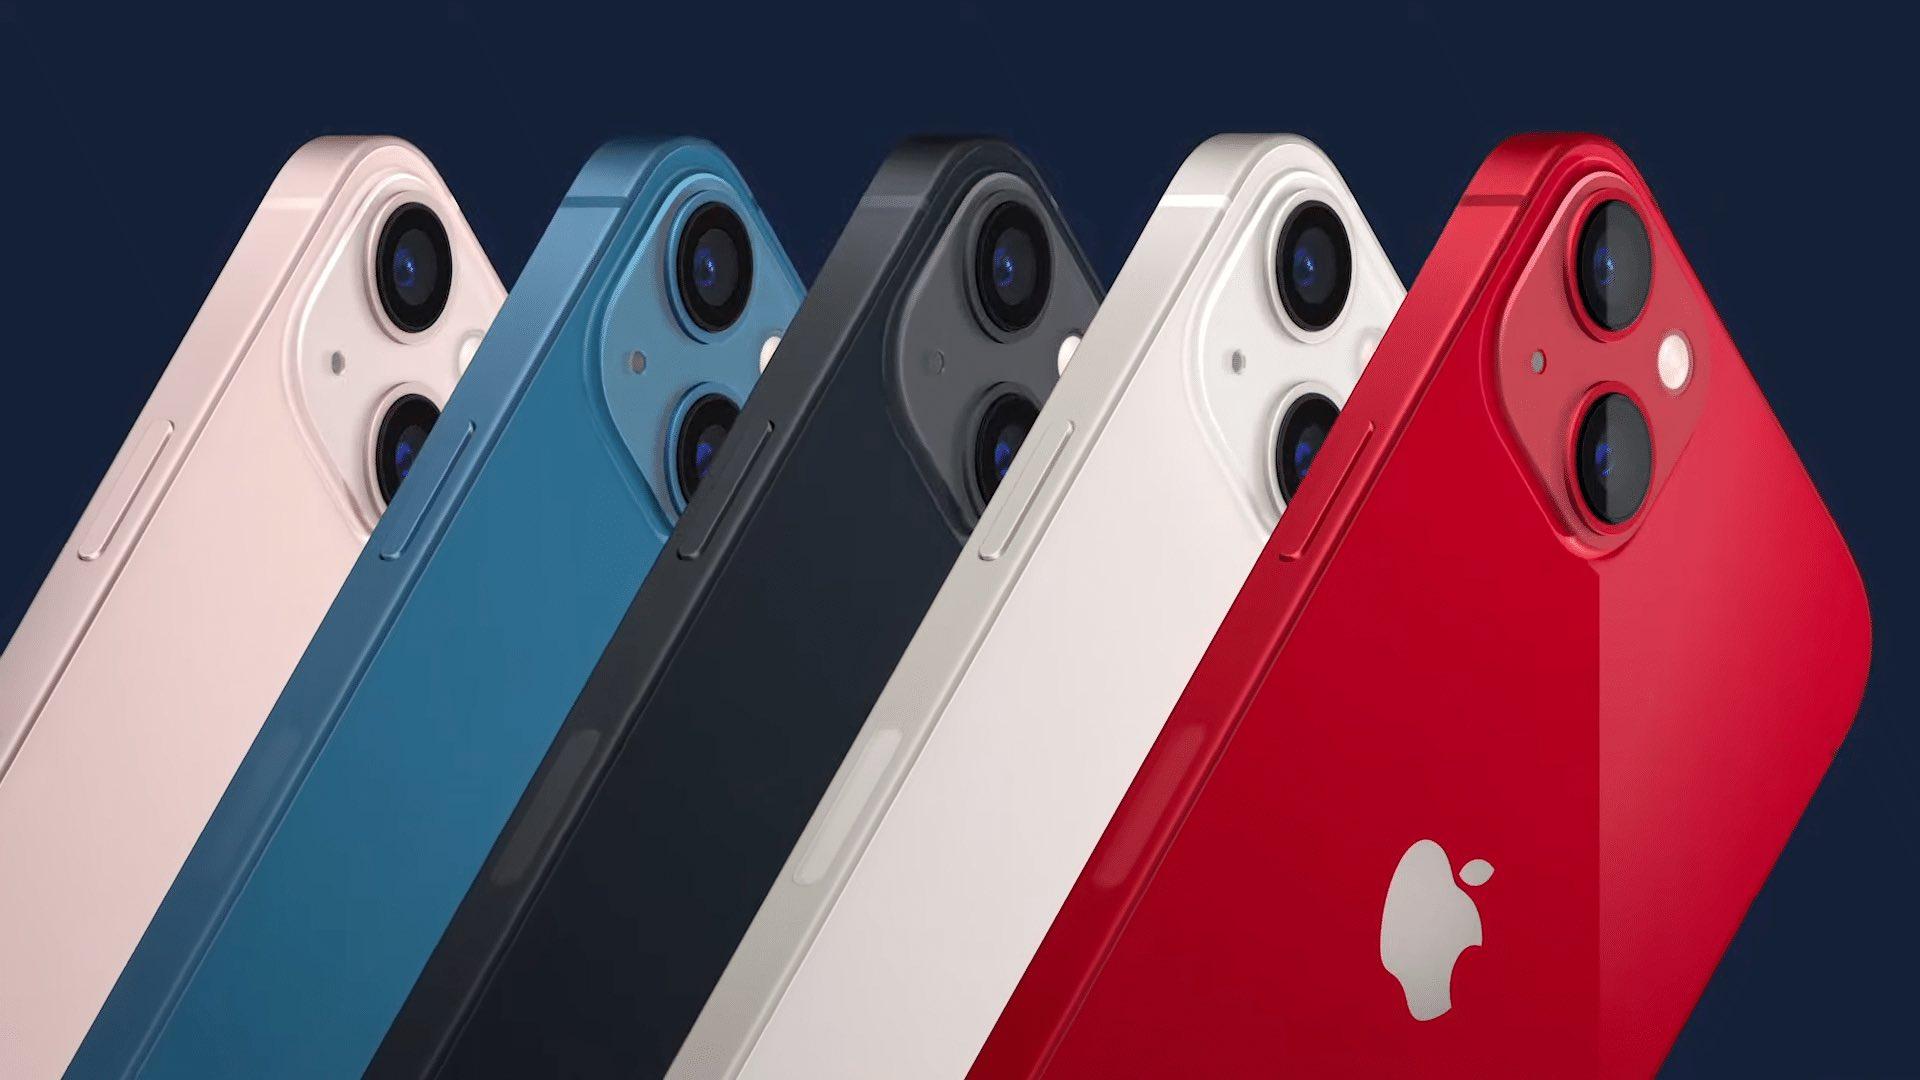 iPhone 13 mini i iPhone 13 oficjalnie zaprezentowane ciekawostki, box iphone 13 oficjlanie, iphone 13 mini oficjalnie, iPhone 13 mini, iPhone 13  Firma Apple zaprezentowała dziś iPhone'a 13 mini i iPhone'a 13, następcę zeszłorocznej linii iPhone'a 12. W tym roku firma skoncentrowała się na poprawie wydajności aparatu w swoich iPhone'ach innych niż Pro. ip13 1 1